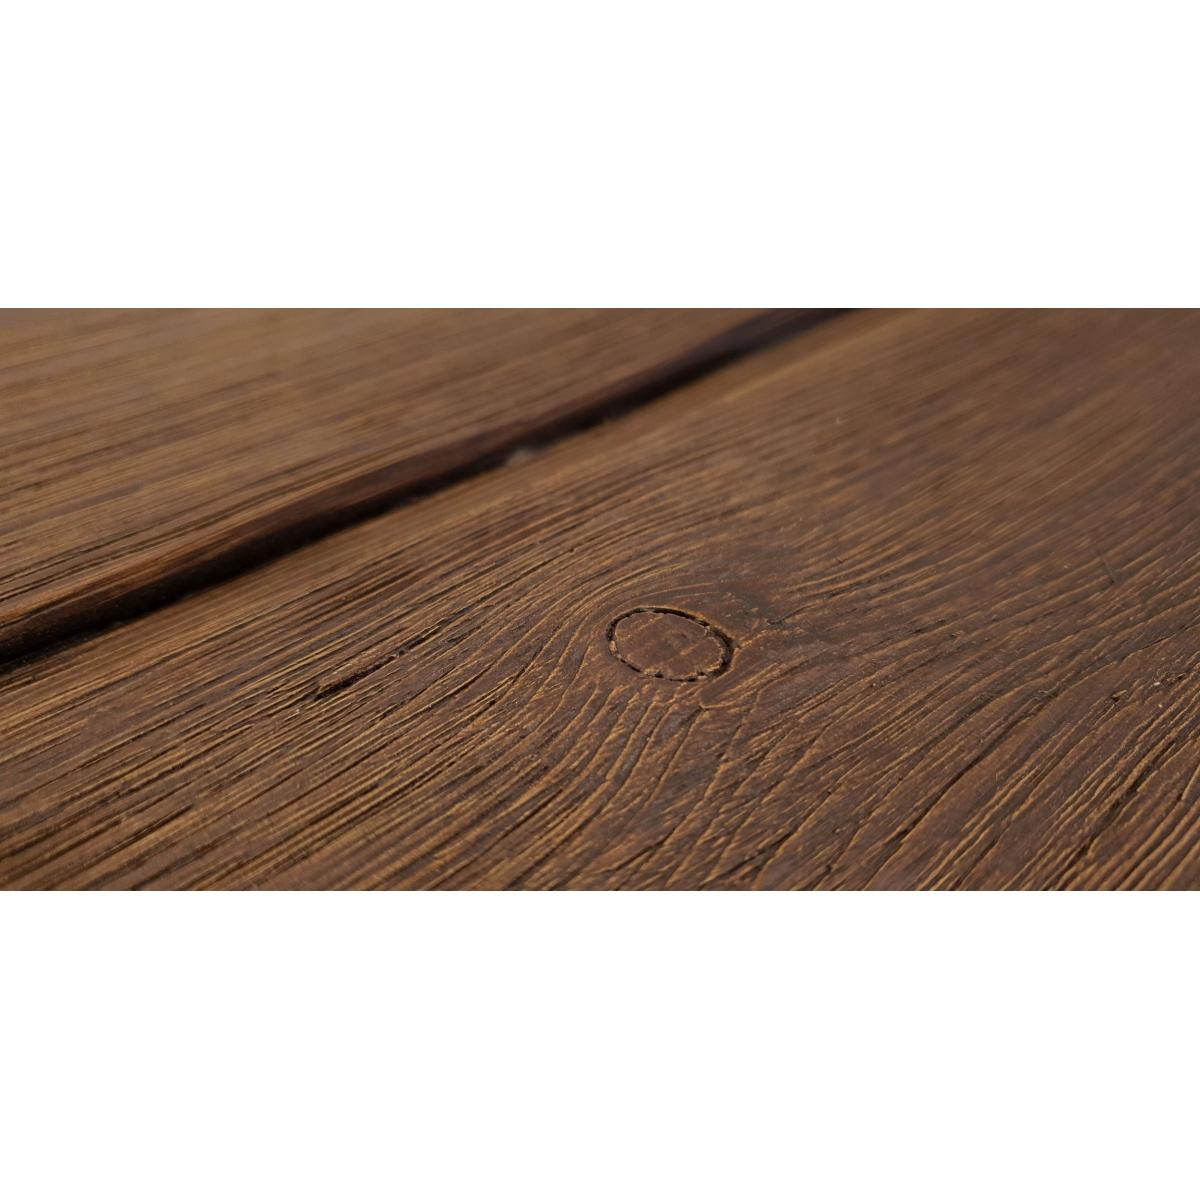 Grupo Unamacor Panel rústico de tres lamas imitación madera de 300x62cm